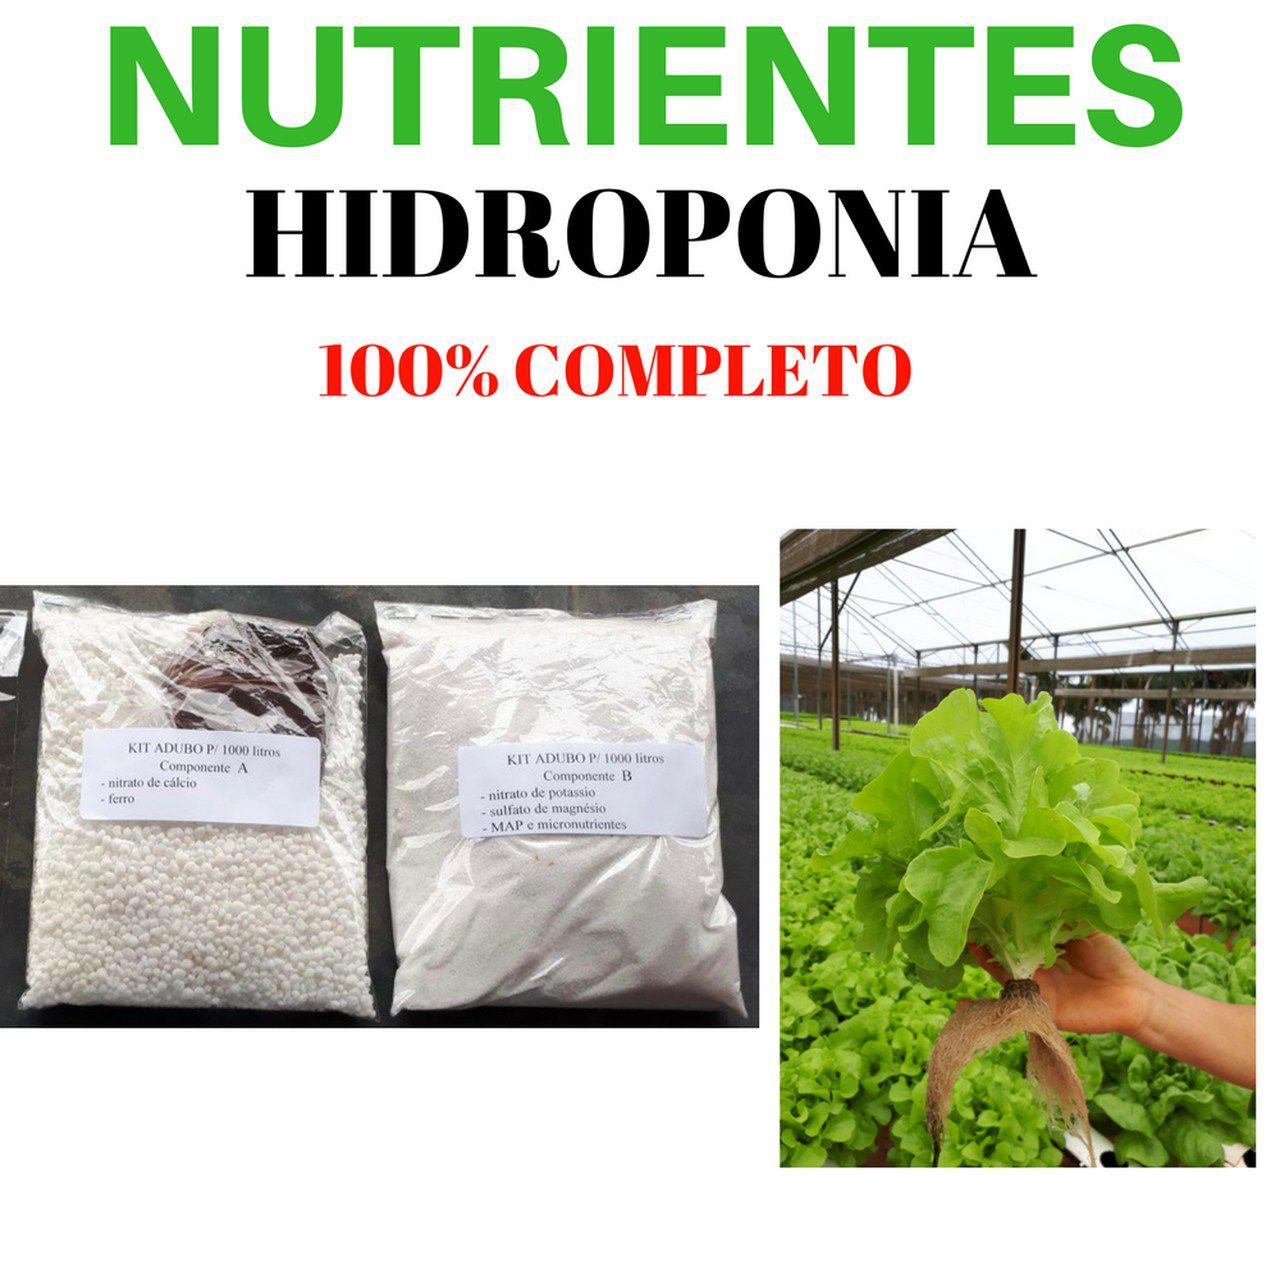 5 kit Nutrientes Completo 5000 Litros De Solução Nutritiva Hidropônica  - ORQUIDEA GARDEN